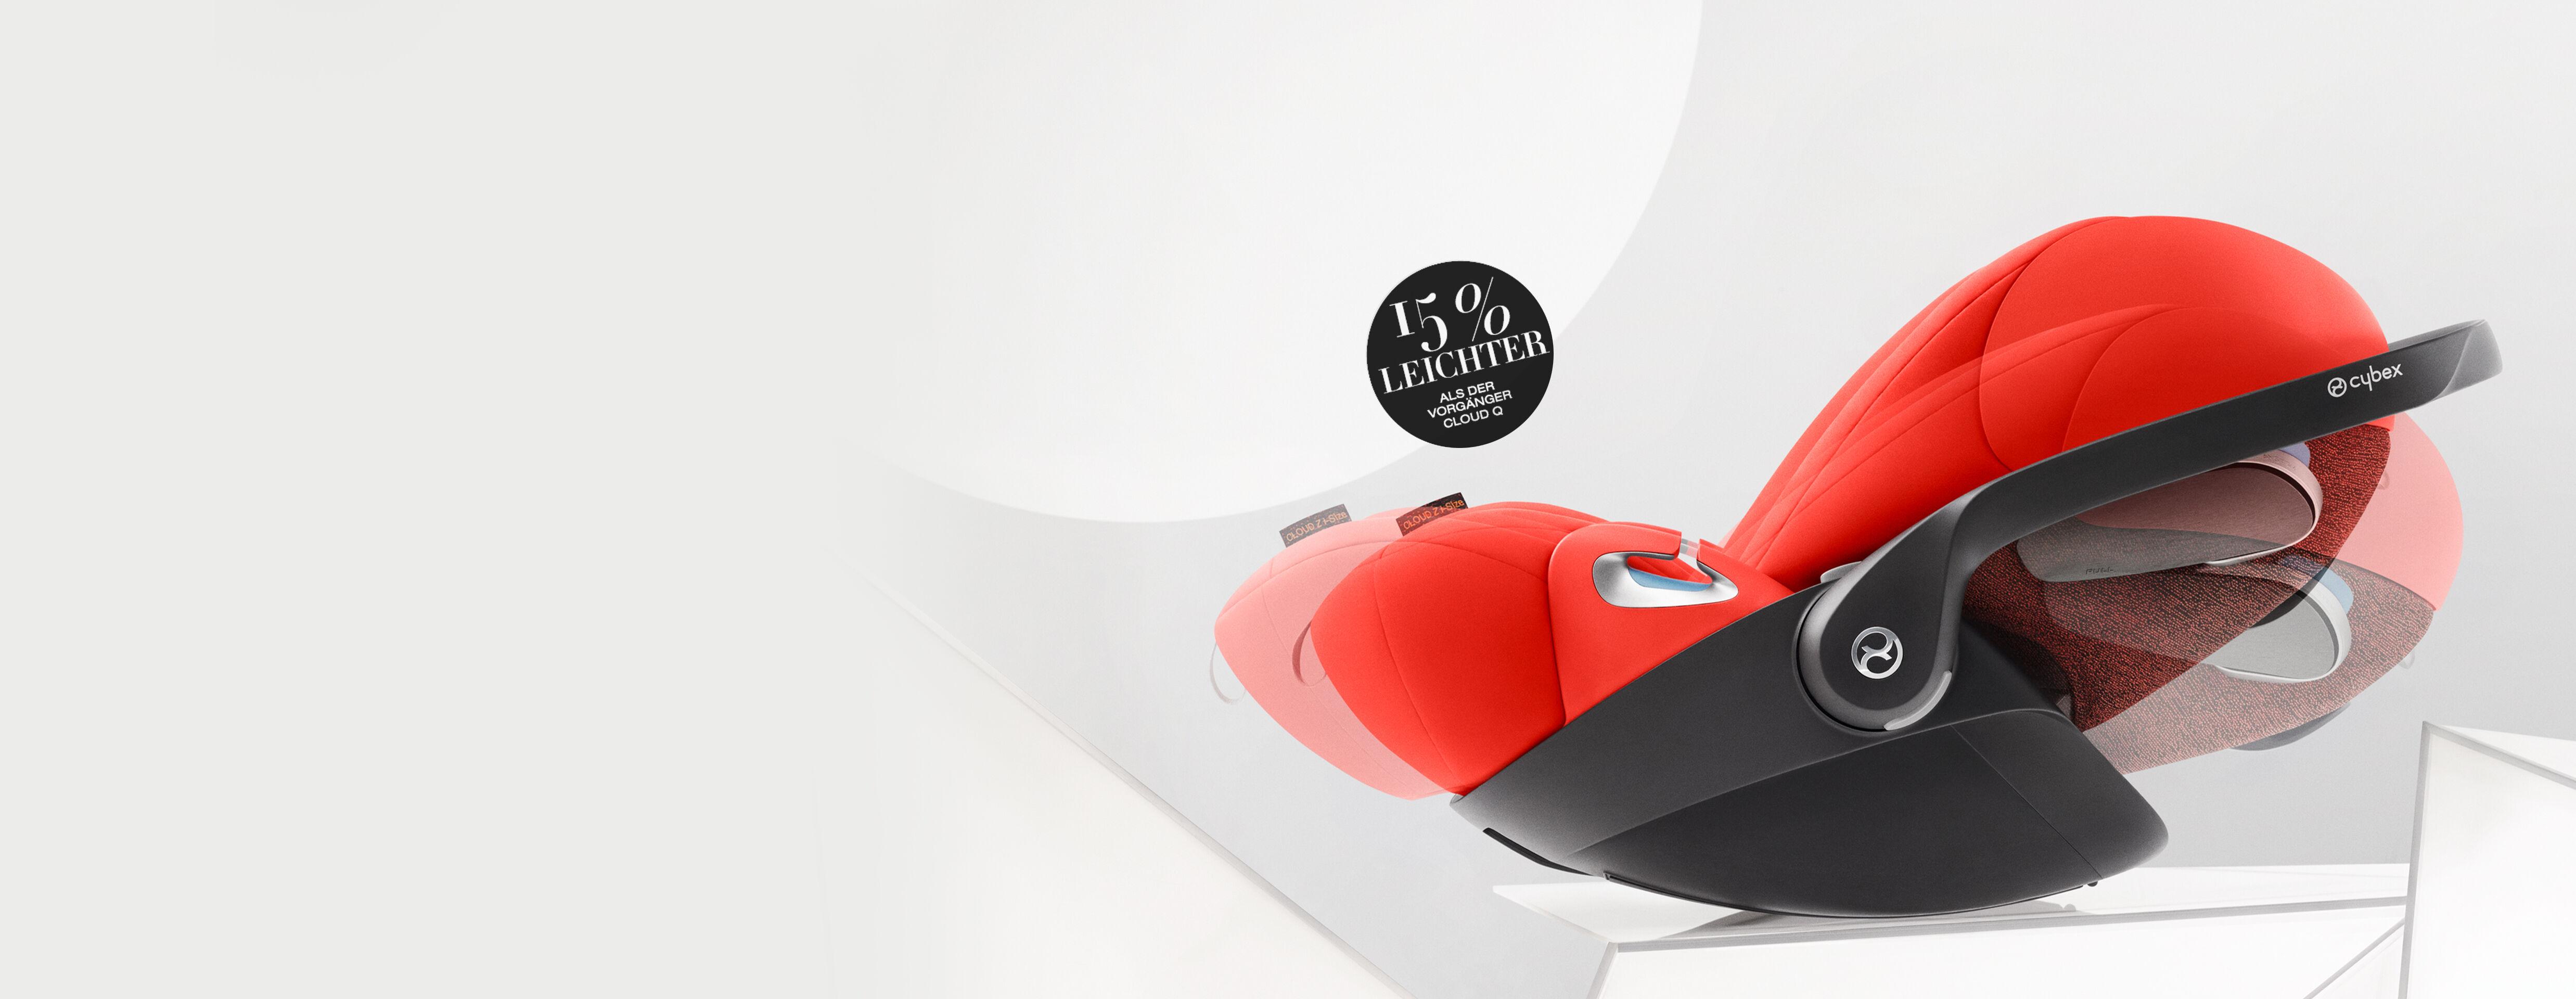 Cybex Platinum Cloud Z i-Size Kindersitze Ergonomische Flache Liegeposition Banner